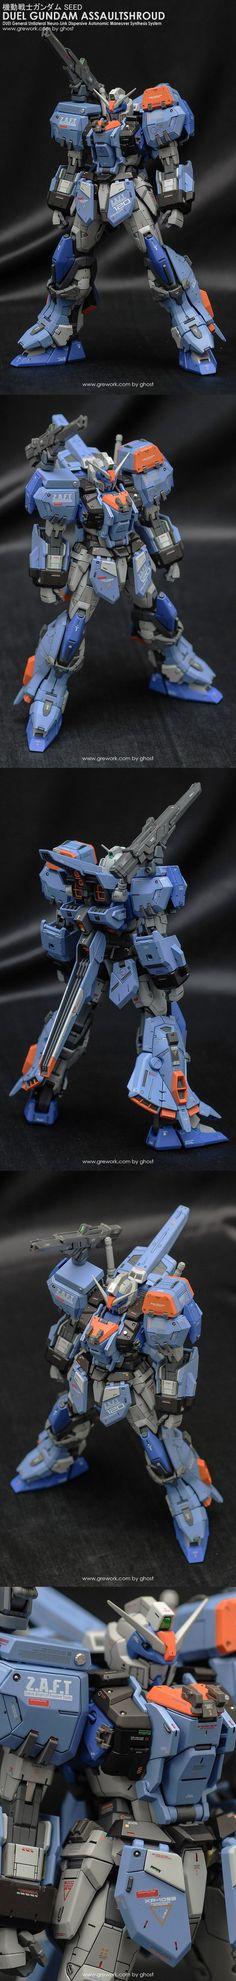 Battle Robots, Gundam Seed, Custom Gundam, Robot Design, Gundam Model, Mobile Suit, Plastic Models, Ro Bot, Model Kits